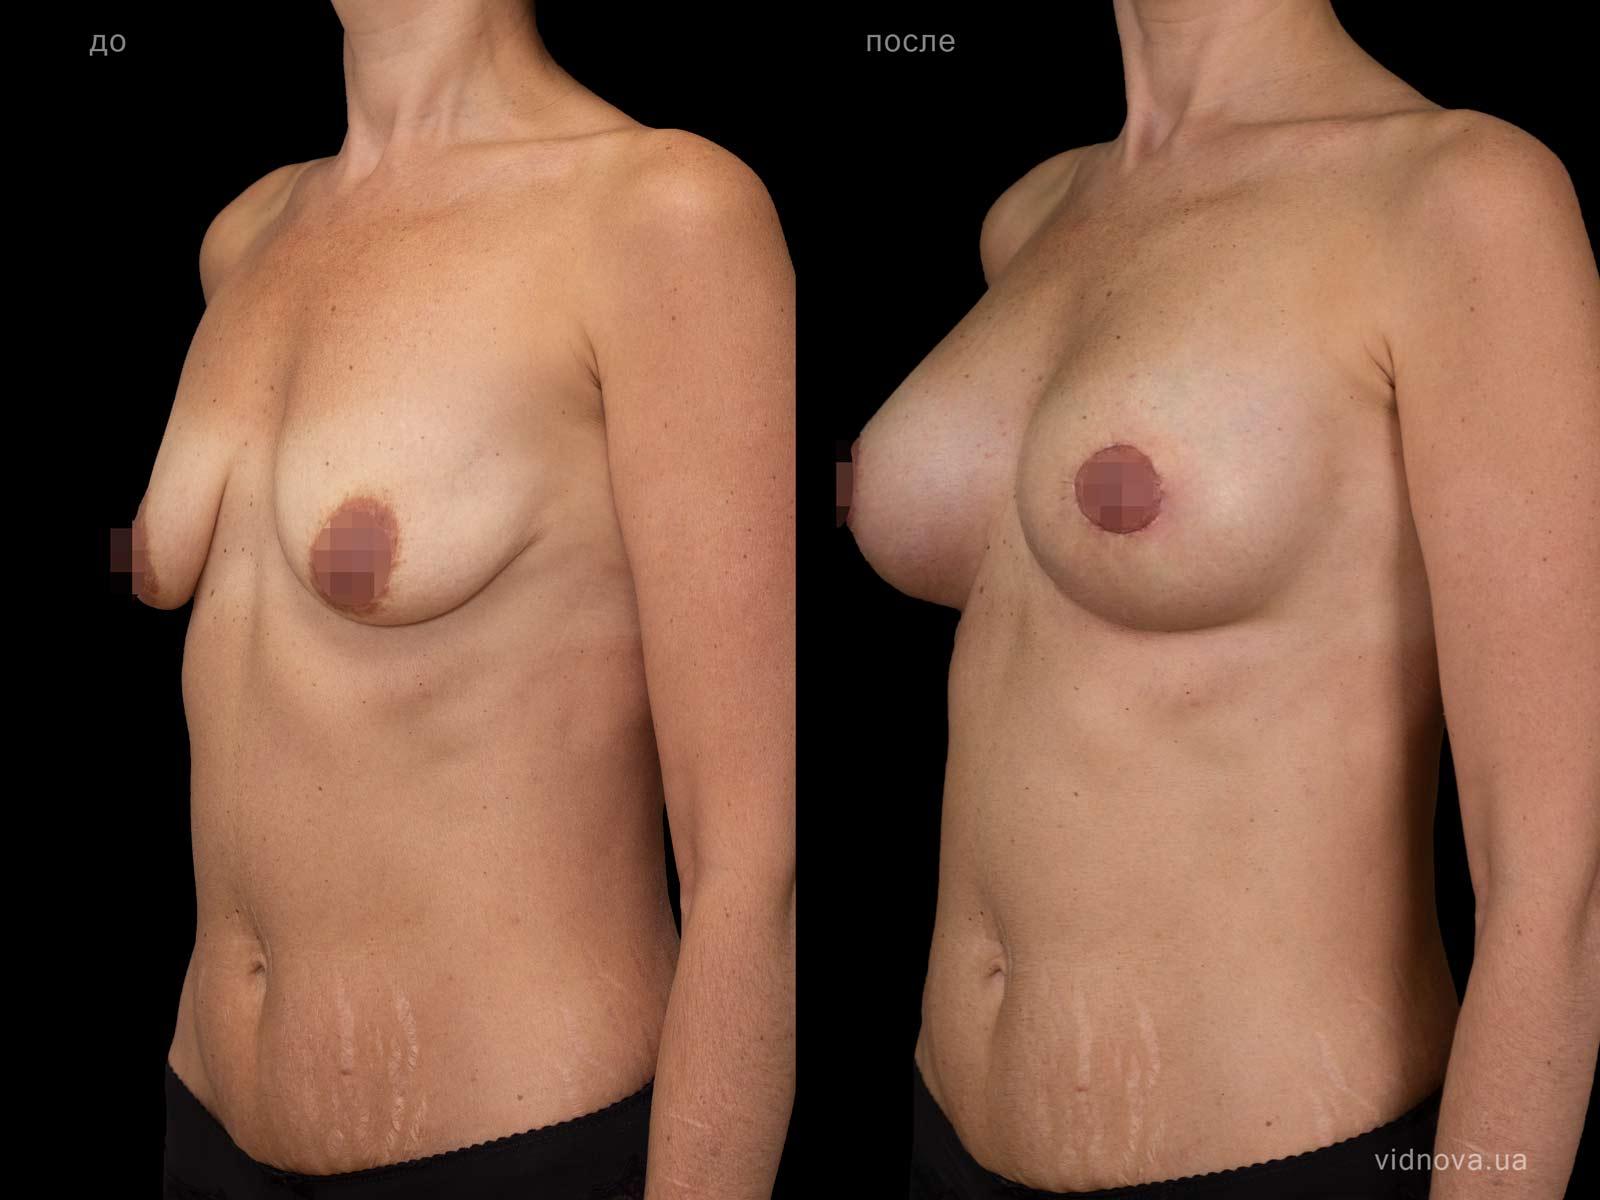 Пластика груди: результаты до и после - Пример №103-1 - Светлана Работенко